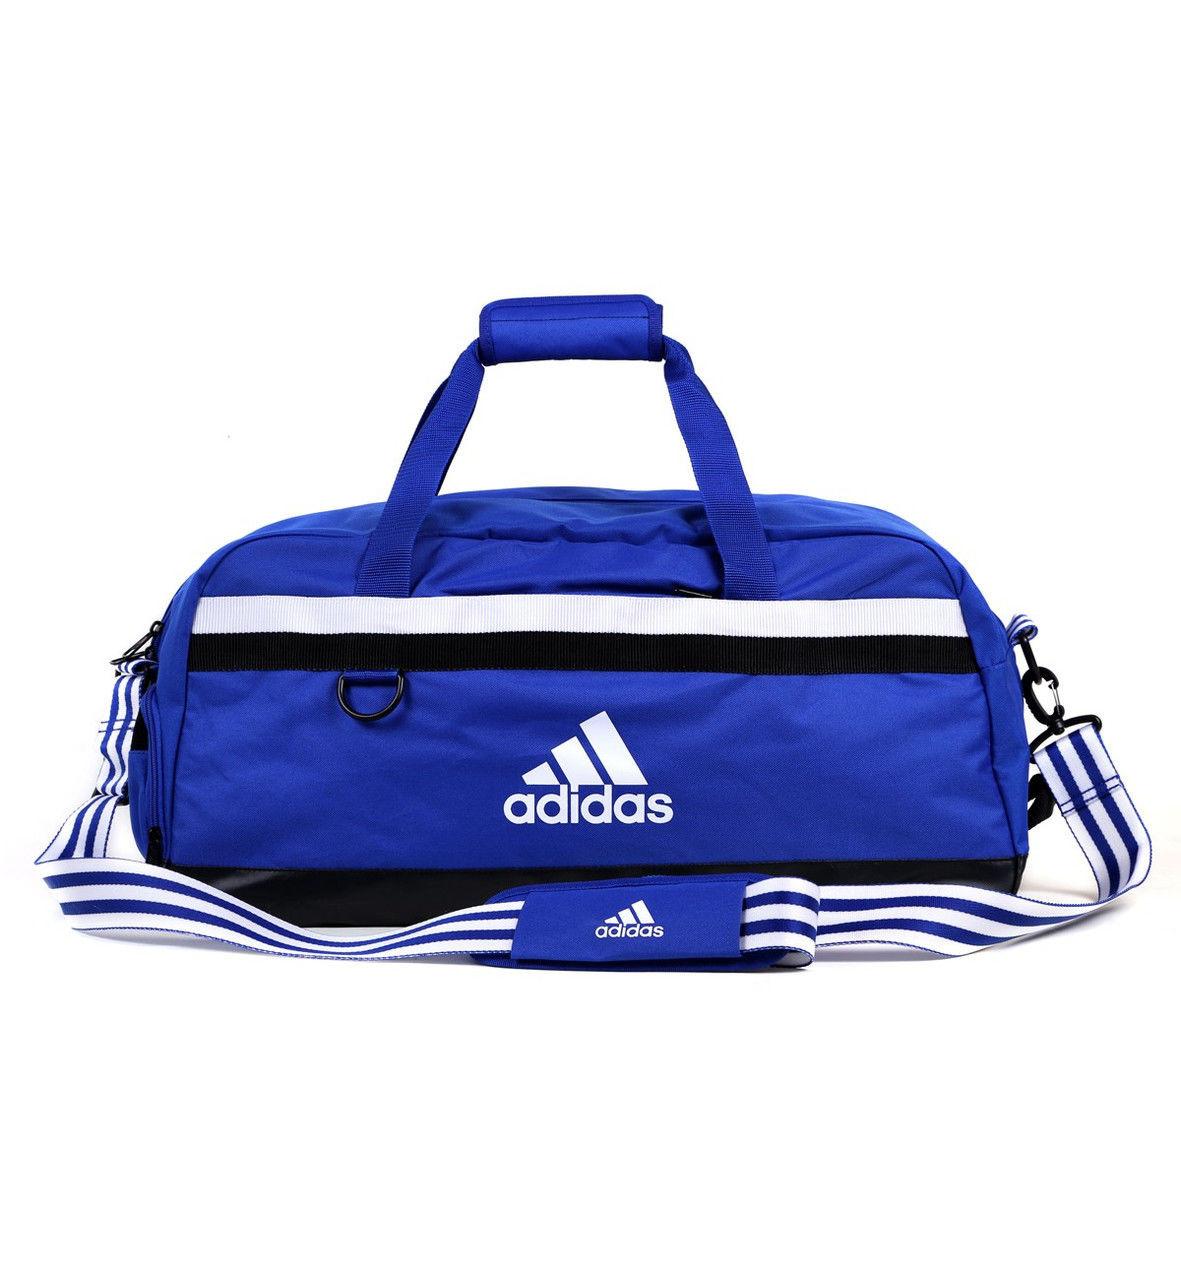 766c23f4f2f7 Сумка спортивно-дорожная Adidas Tiro (большая) - Интернет-магазин